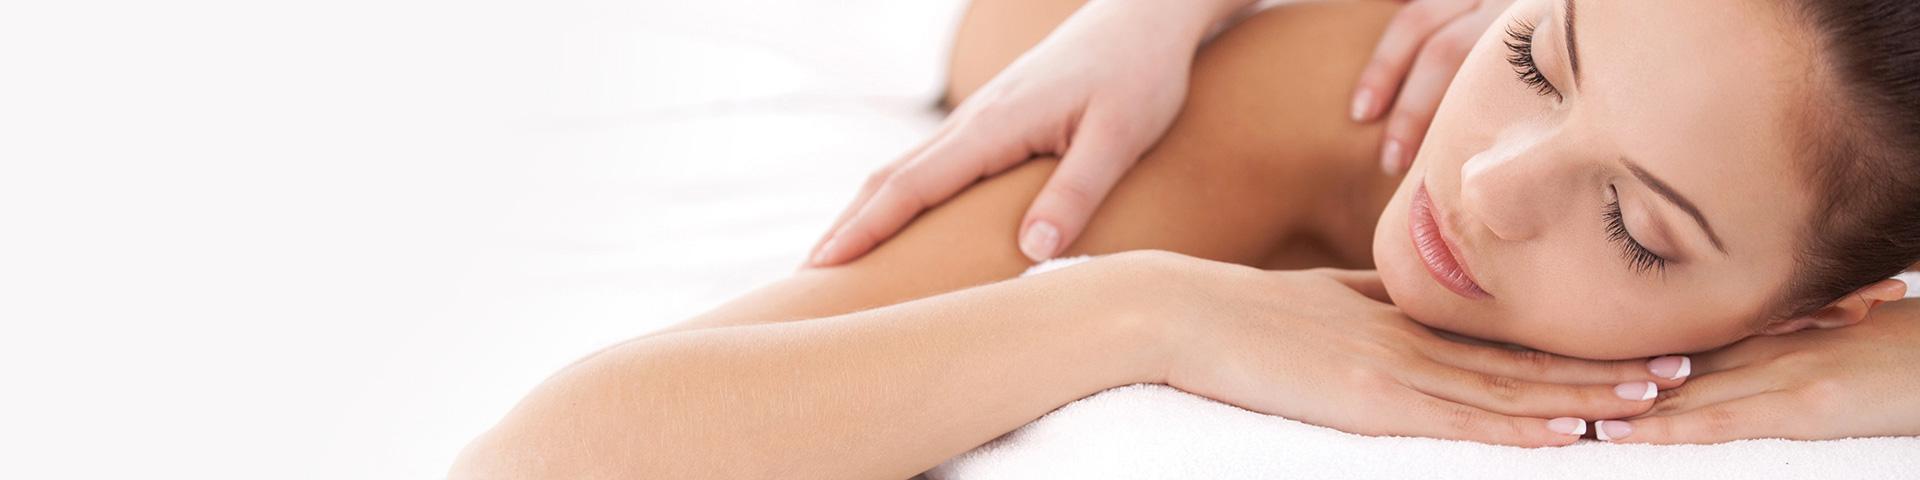 Junge Frau liegt auf ihren schön manikürten Händen und wird an der Schulter massiert